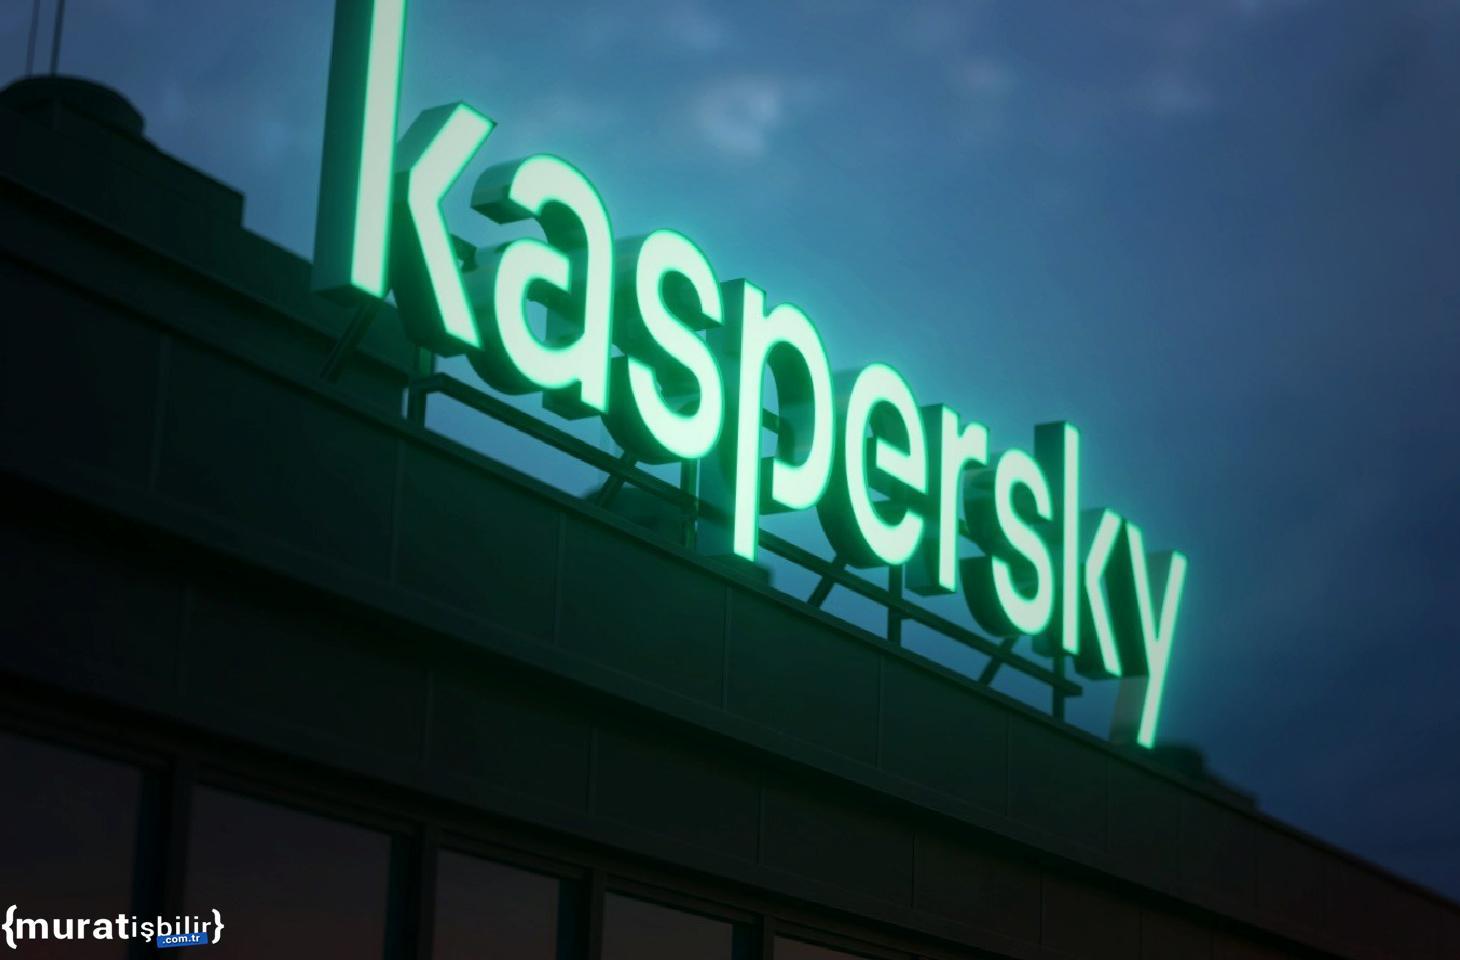 Kaspersky, Zorunlu Uzaktan Eğitim Sırasında Öğrencilerin Performansını Değerlendirdi